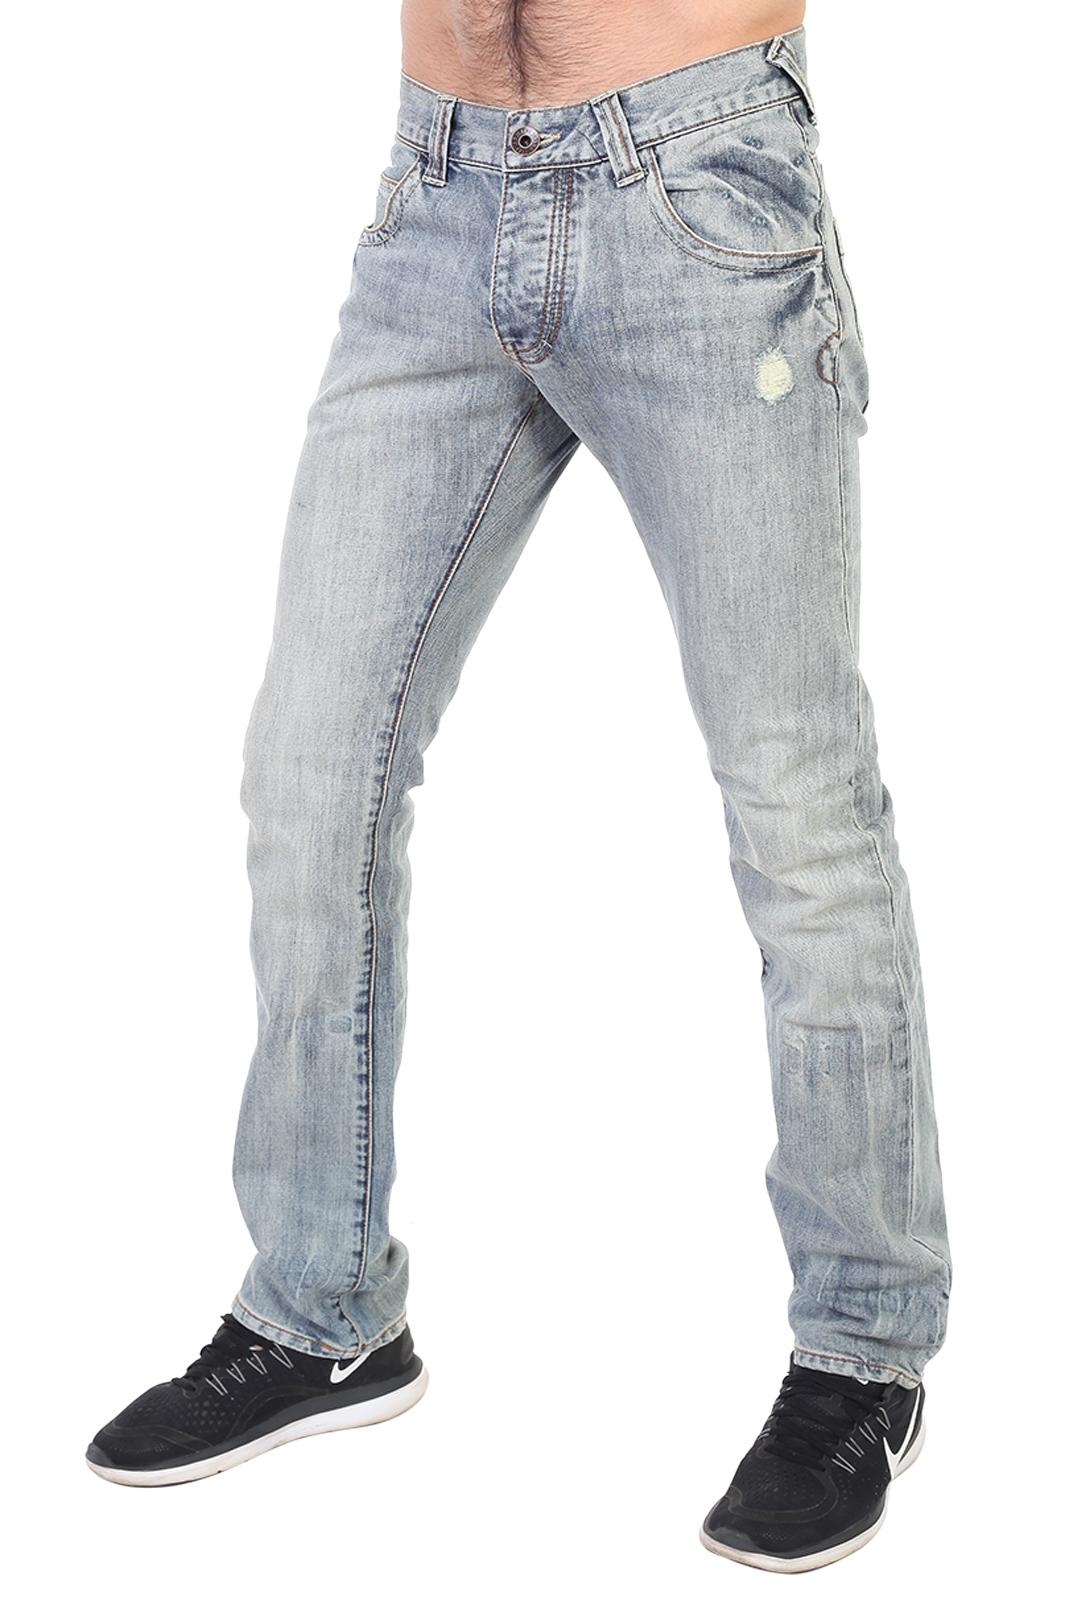 Купить в  интернет магазине недорогие мужские джинсы